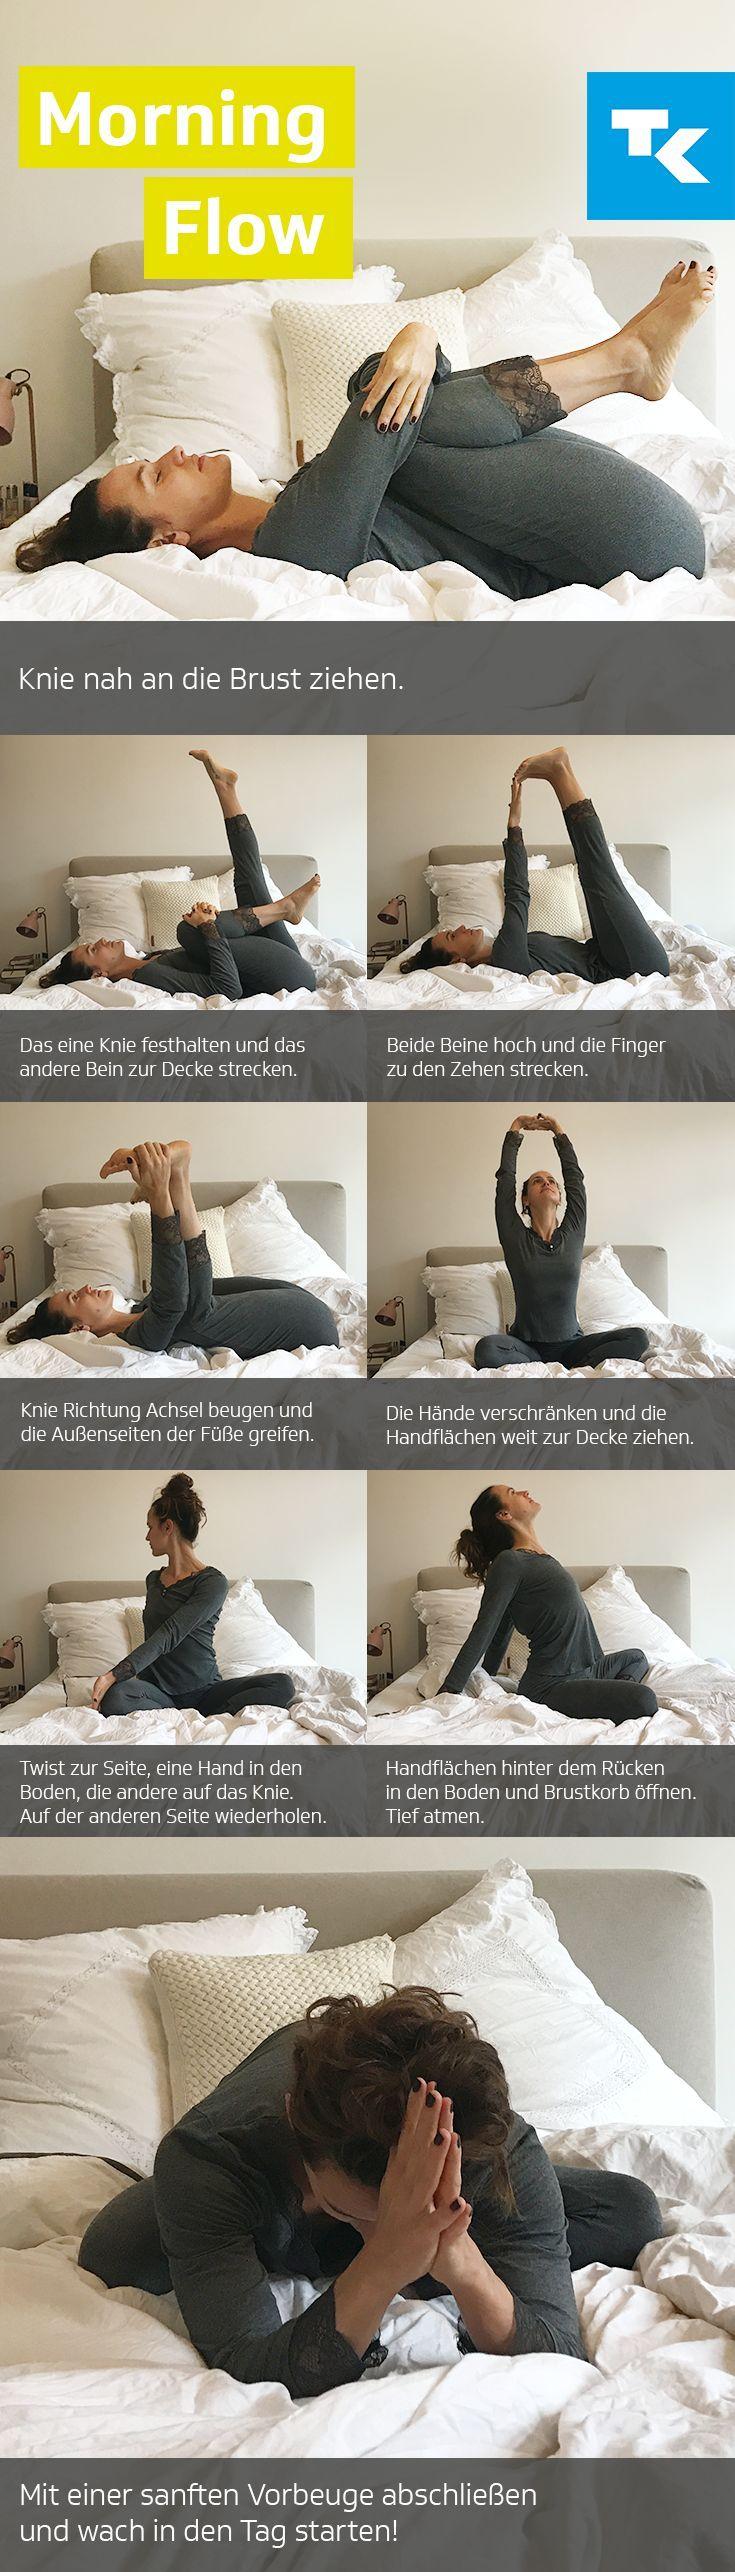 #Yoga im #Bett? Entspannter als mit unserem #MorningFlow kann ein Tag eigentlich gar nicht beginnen – probiert's mal aus! #stretchingroutine